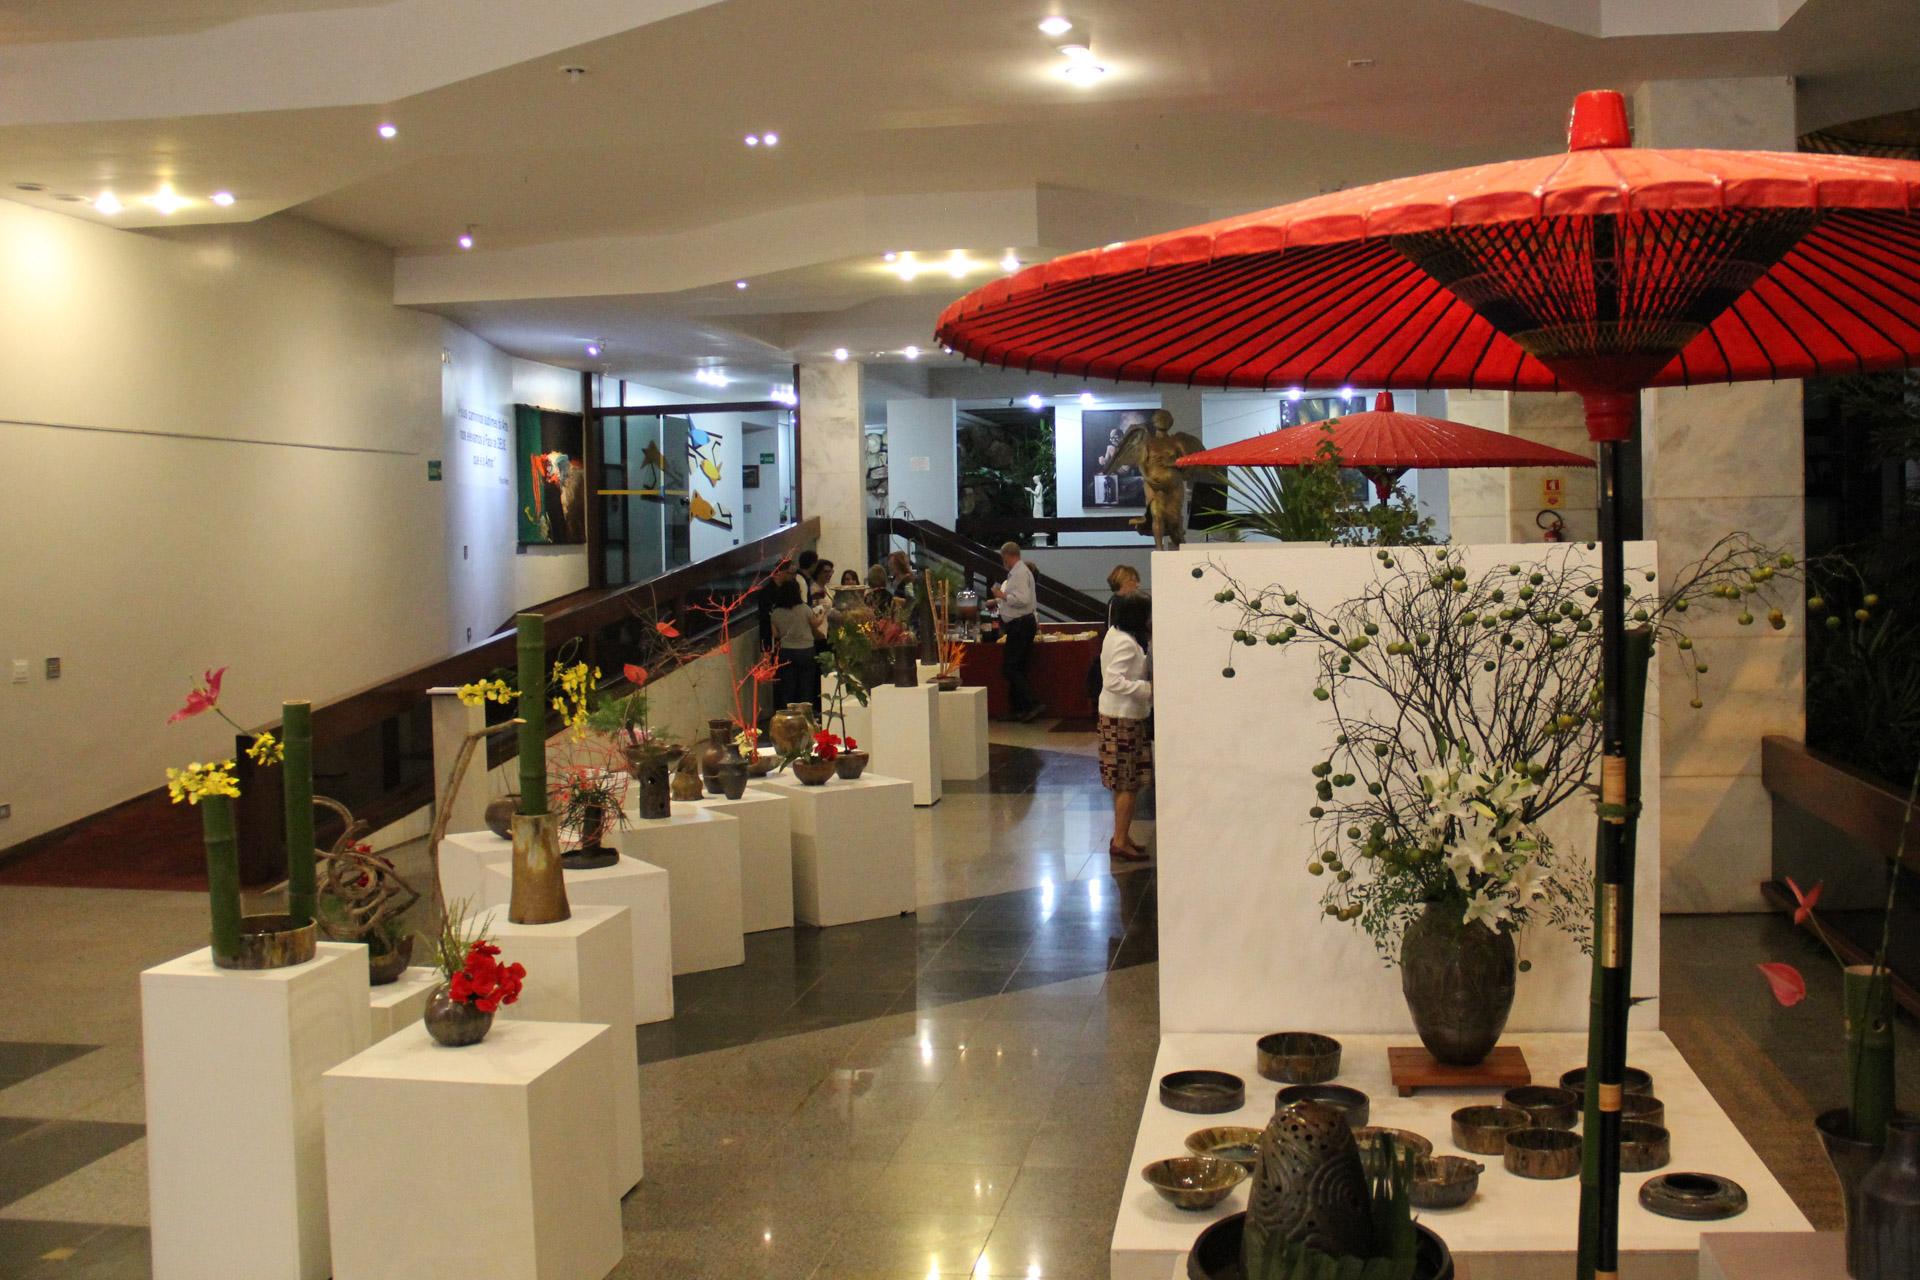 Brasília, DF - A exposição de Cerâmica japonesa e Ikebana Sogetsu estará na Galeria de Arte do Templo da Boa Vontade, TBV, até 31 de maio